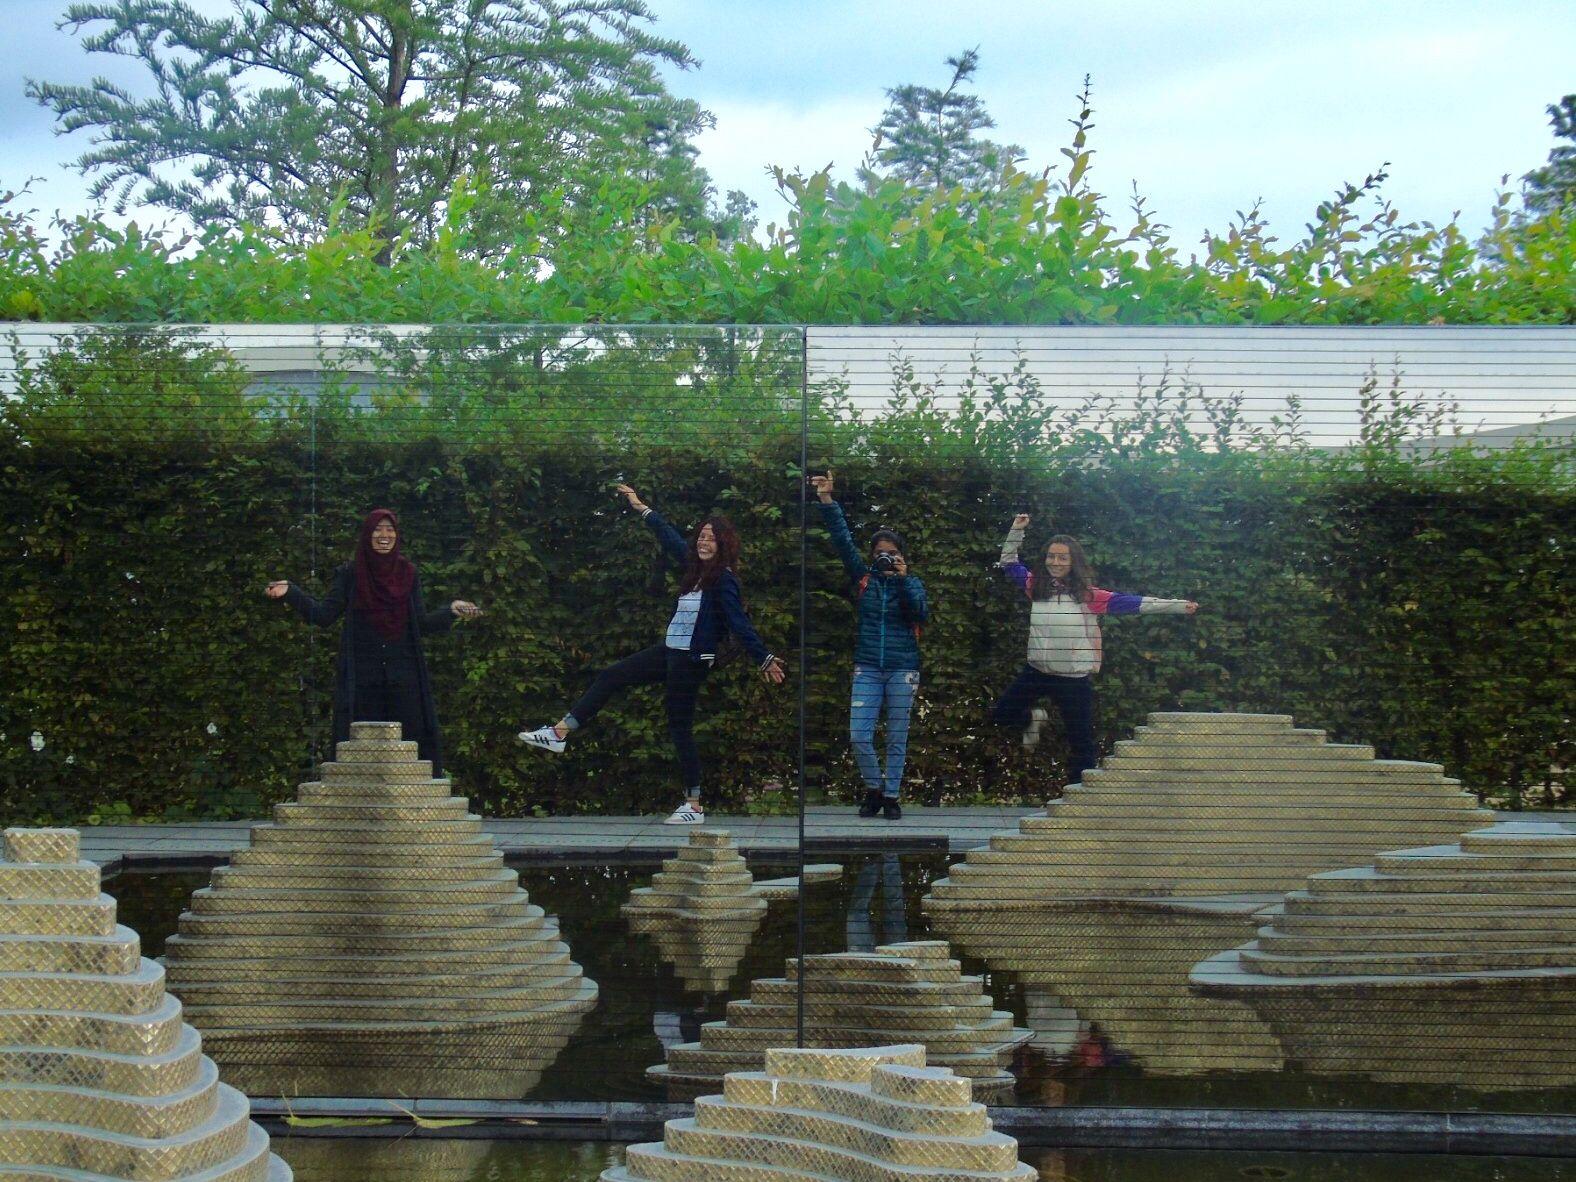 Foto Des Tages Alexandra Deutschkurs Berlin Wir Sind In Die Garten Der Welt Gegangen Und Wir Hatten Viel Spass Es Gibt Berlin Radolfzell Am Bodensee Welt